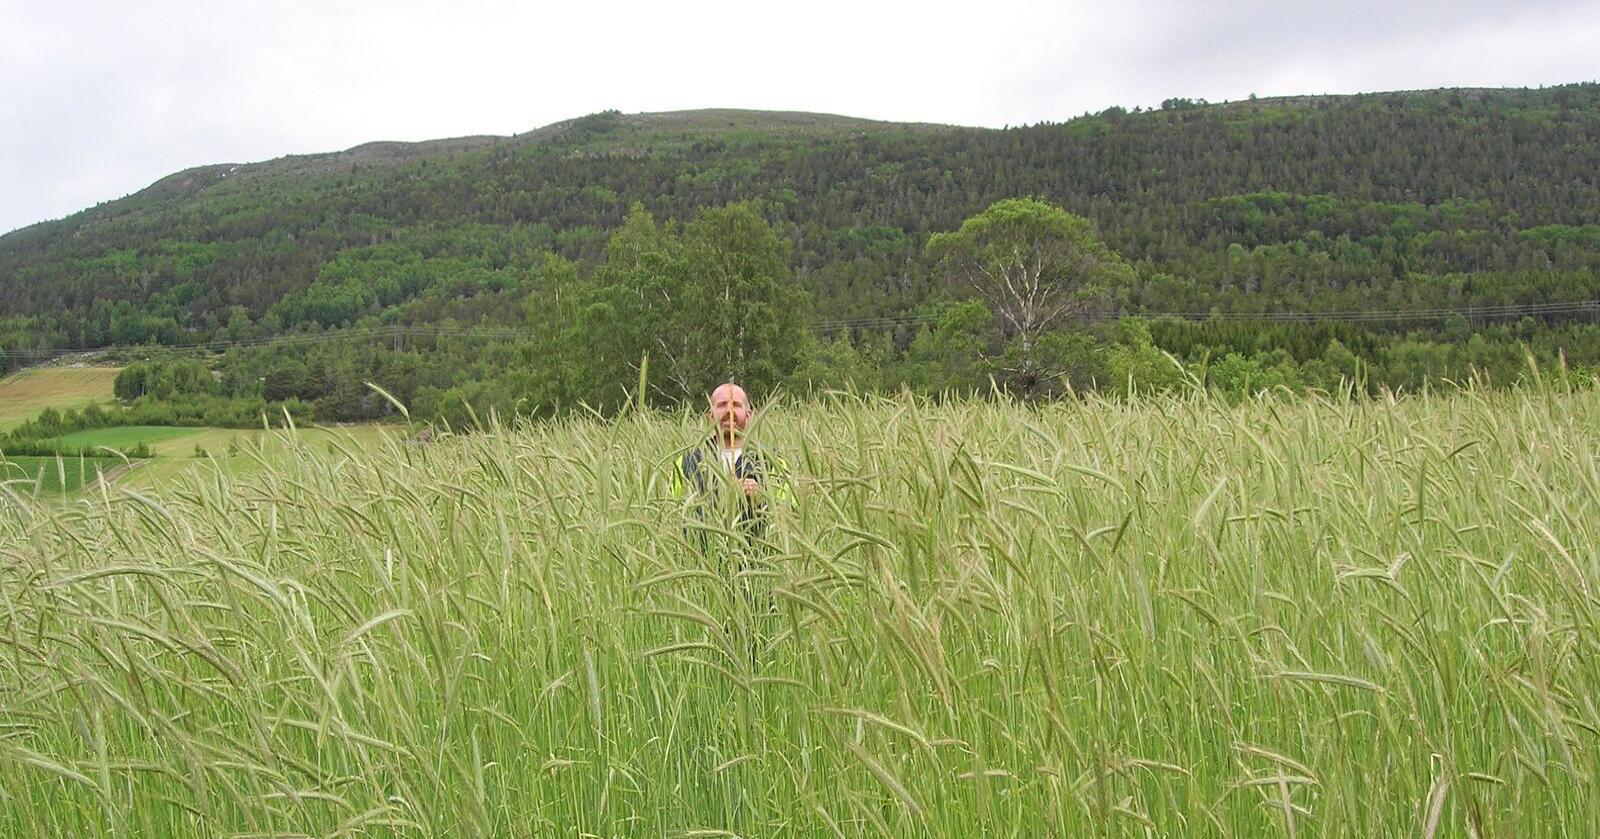 Høy: Svedjerug kan bli opptil 2,5 m høy og den kan få mange titalls aks fra et enkelt frø. Foto: Johan Swärd